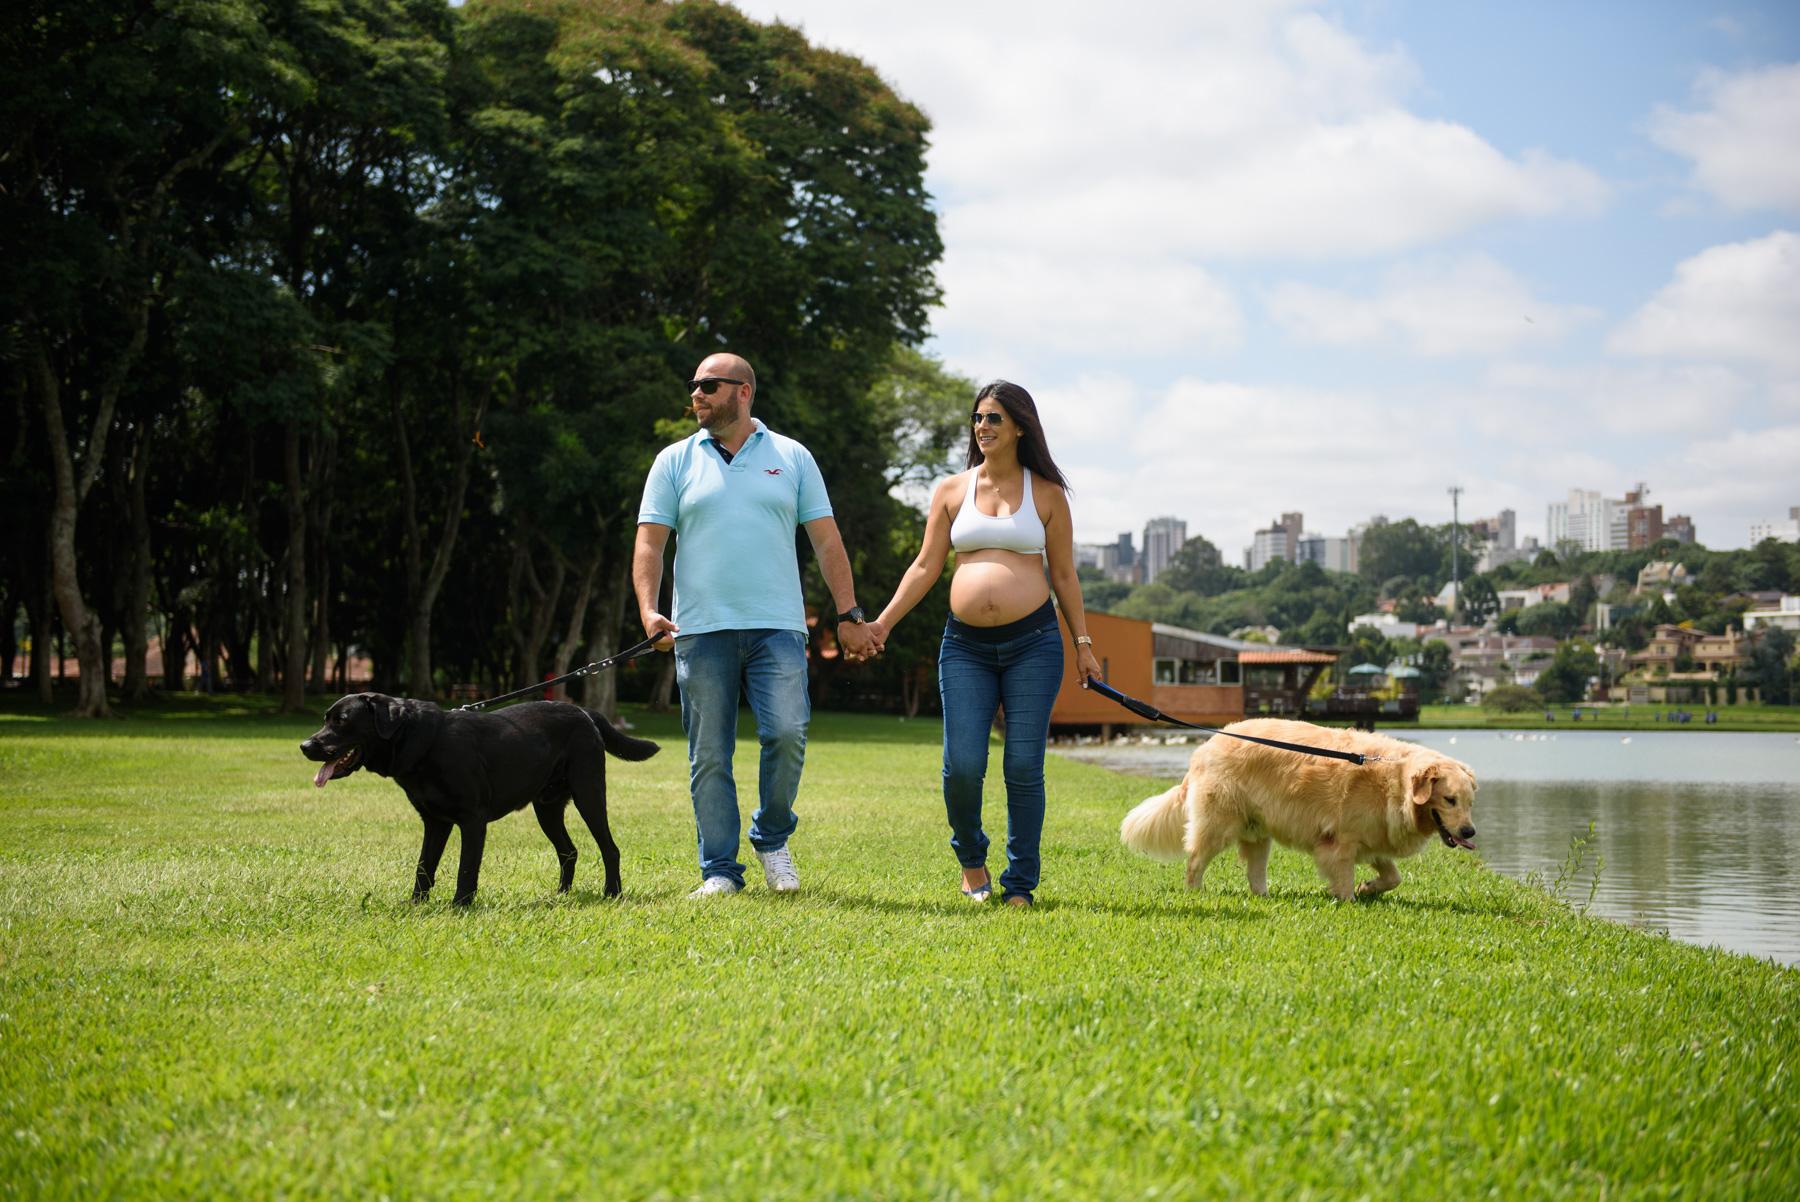 002_ensaio_familia_gestacao_parquebarigui_fotografo_curitiba.jpg